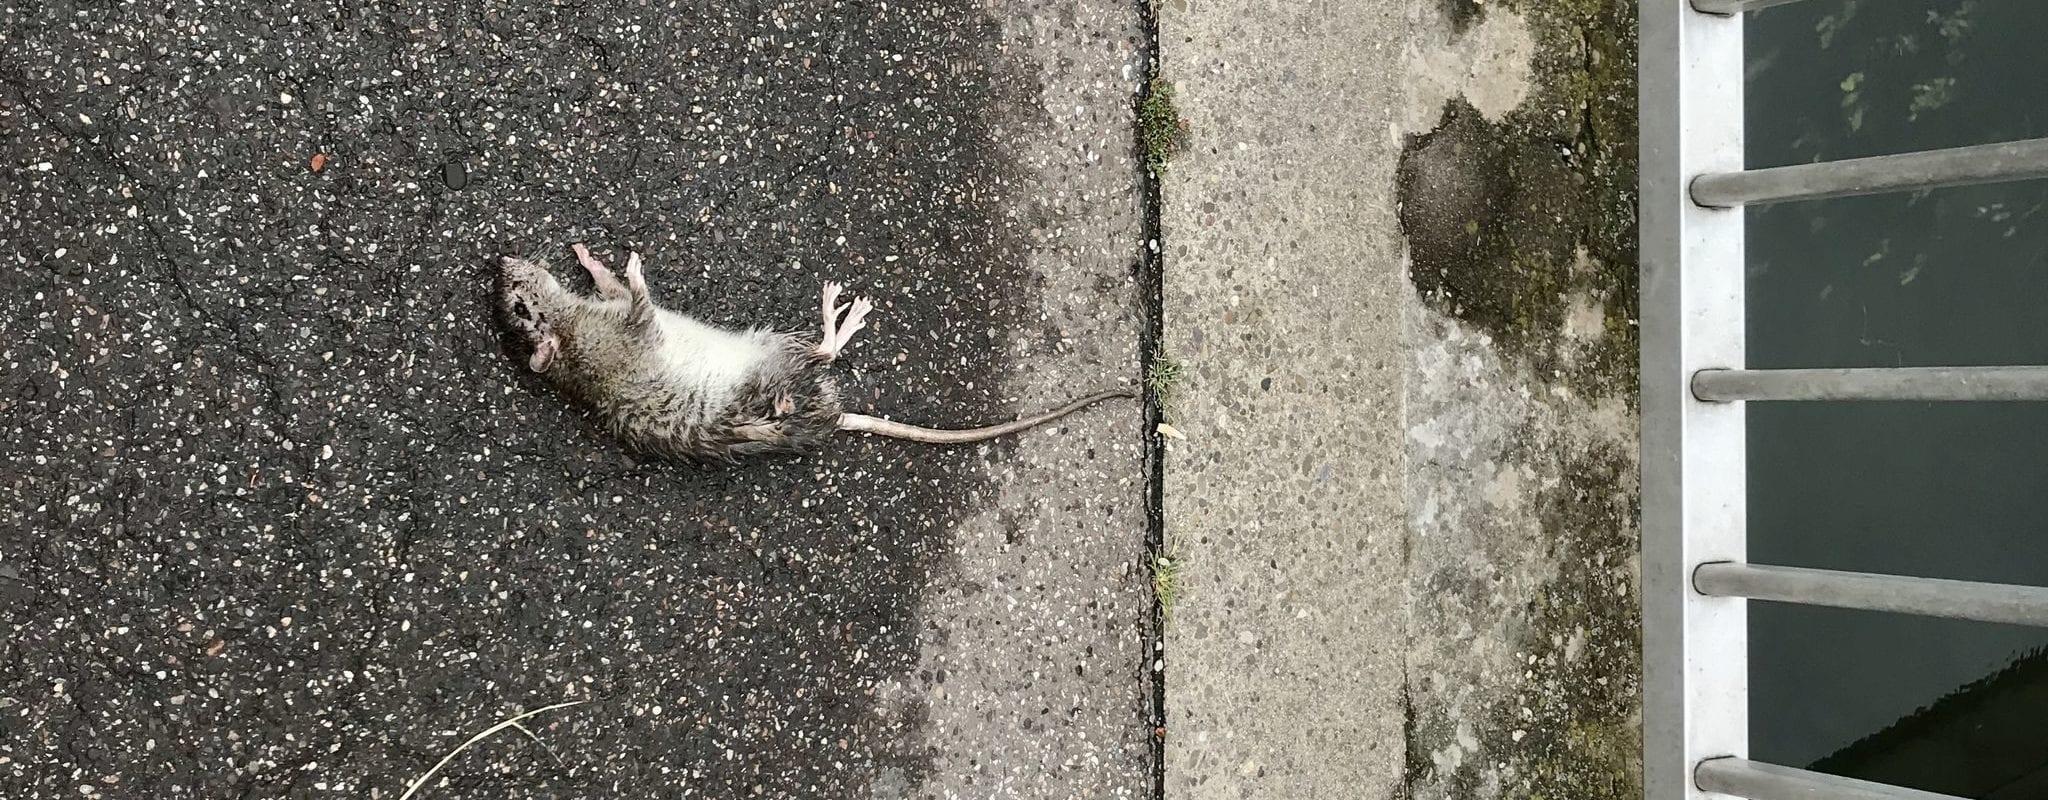 Depuis le confinement, la prolifération des rats pose un problème sanitaire